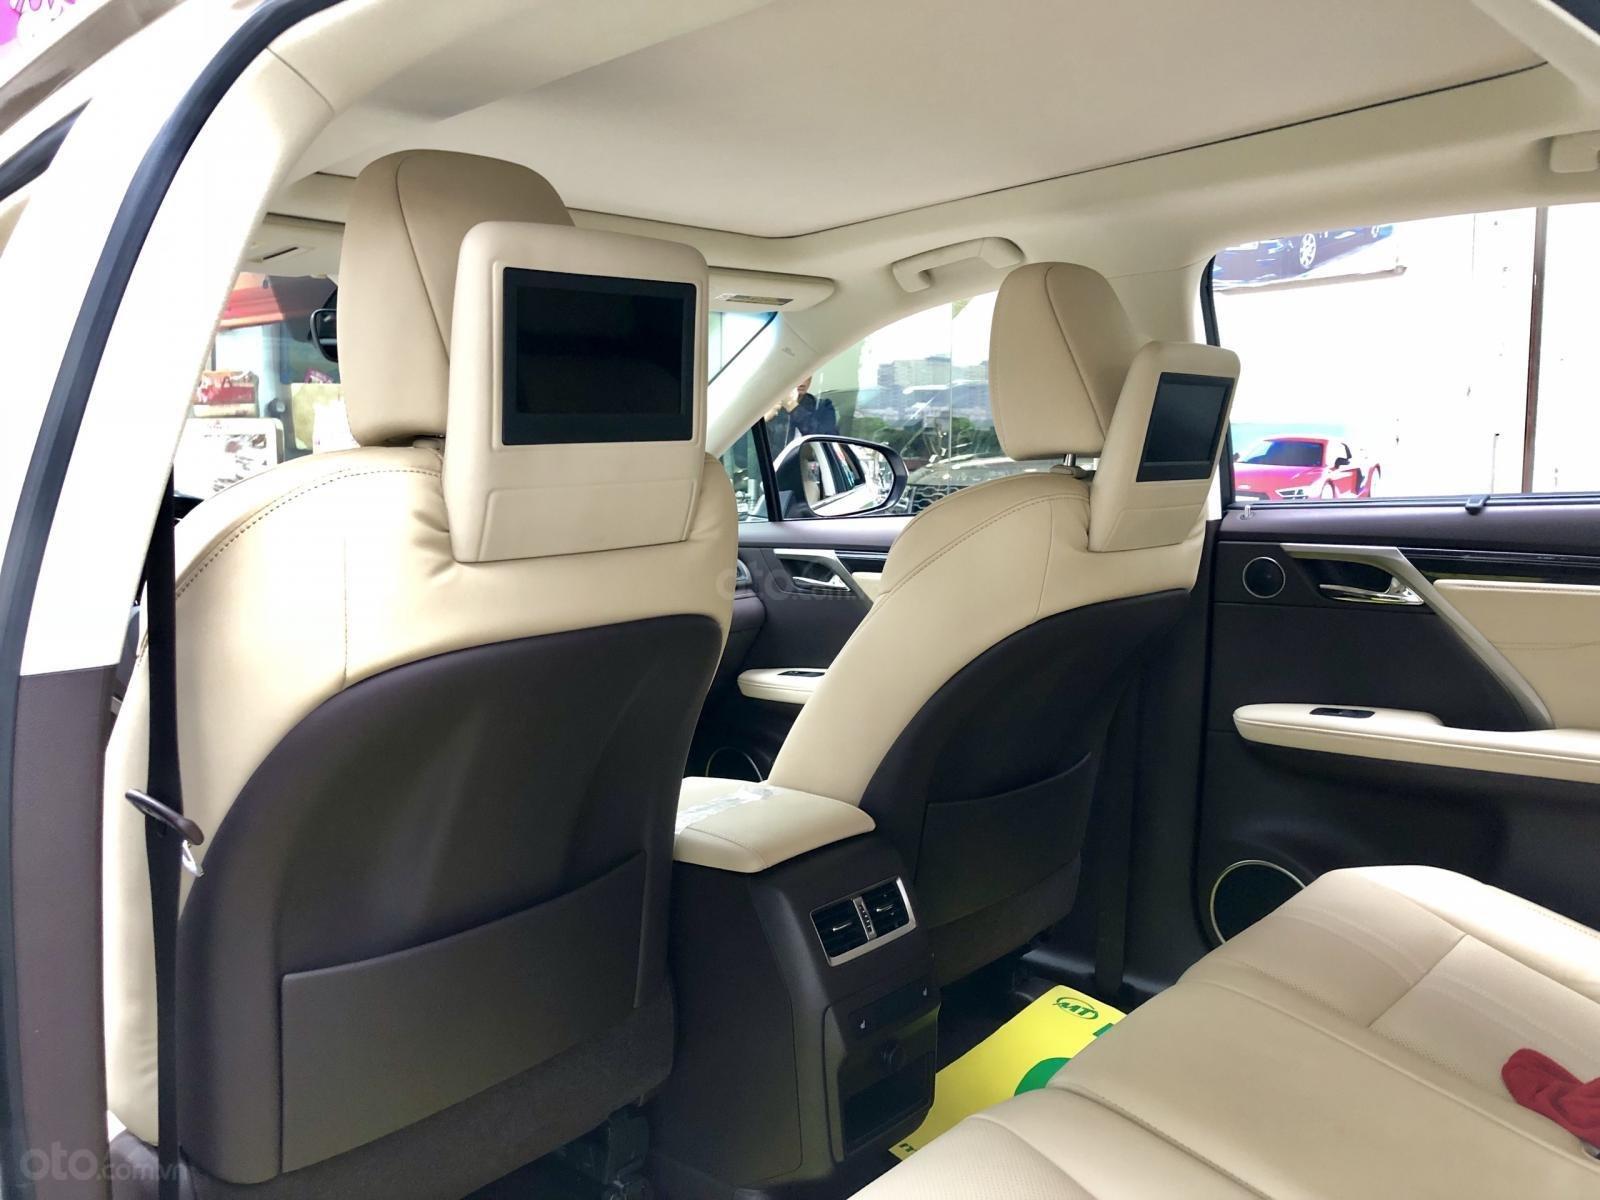 Bán ô tô Lexus RX 350 model 2019, màu vàng, nhập khẩu Mỹ- LH Ms Hương 0945.39.2468 (8)